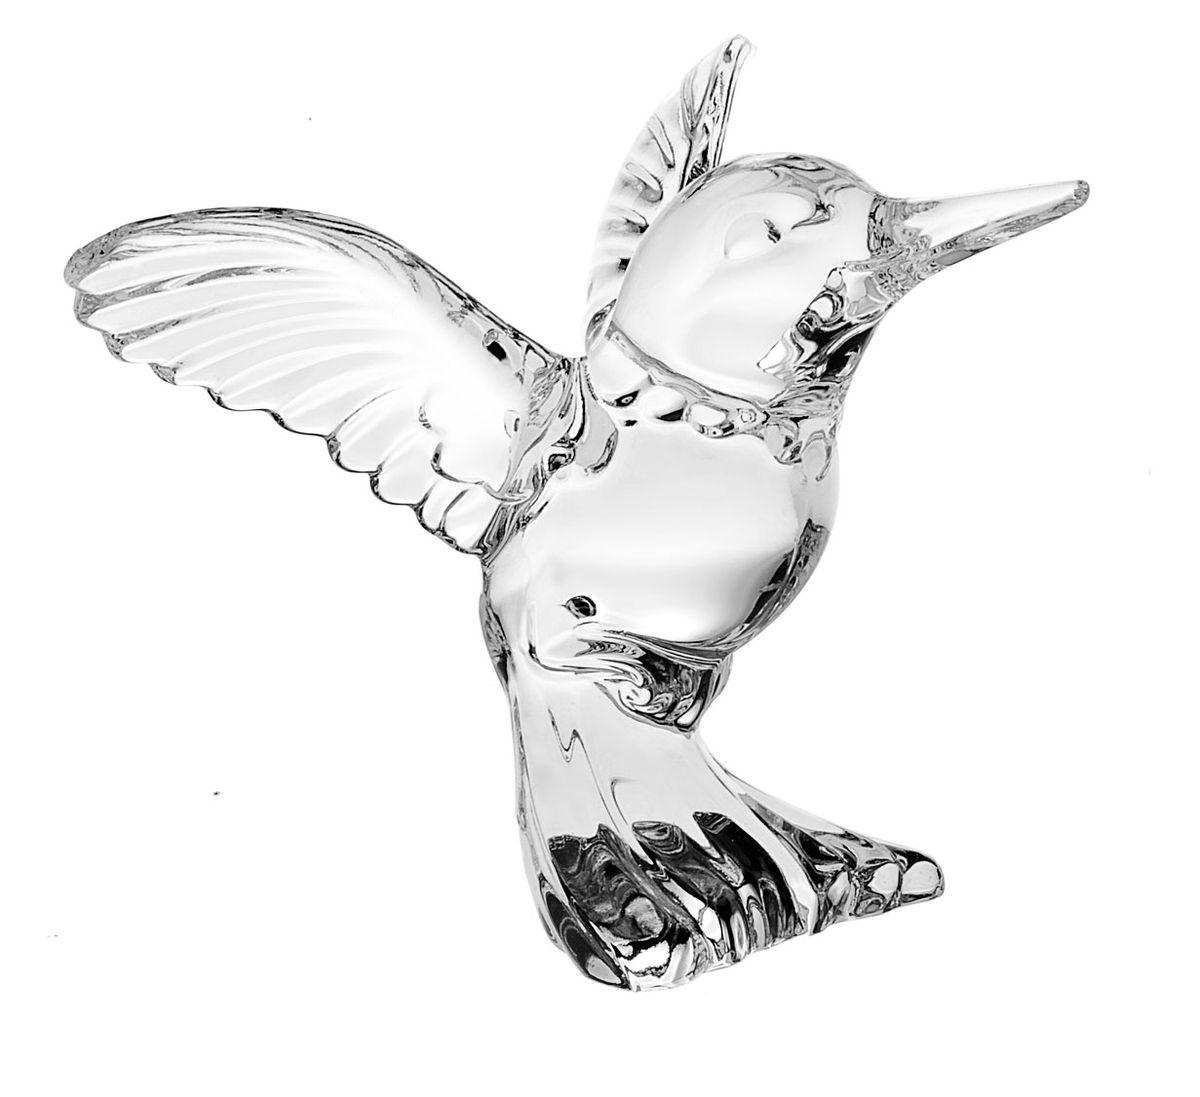 Фигурка декоративная Crystal Bohemia Колибри, высота 8 см28051Декоративная фигурка Crystal Bohemia Колибри изготовлена из хрусталя и выполнена в виде маленькой птицы колибри. Такая фигурка подойдет для декора интерьера дома или офиса. Вы можете поставить фигурку в любом месте, где она будет удачно смотреться и радовать глаз. Кроме того - это отличный вариант подарка для ваших близких и друзей. Размер фигурки (ДхШхВ): 11,5 см х 9,5 см х 8 см.